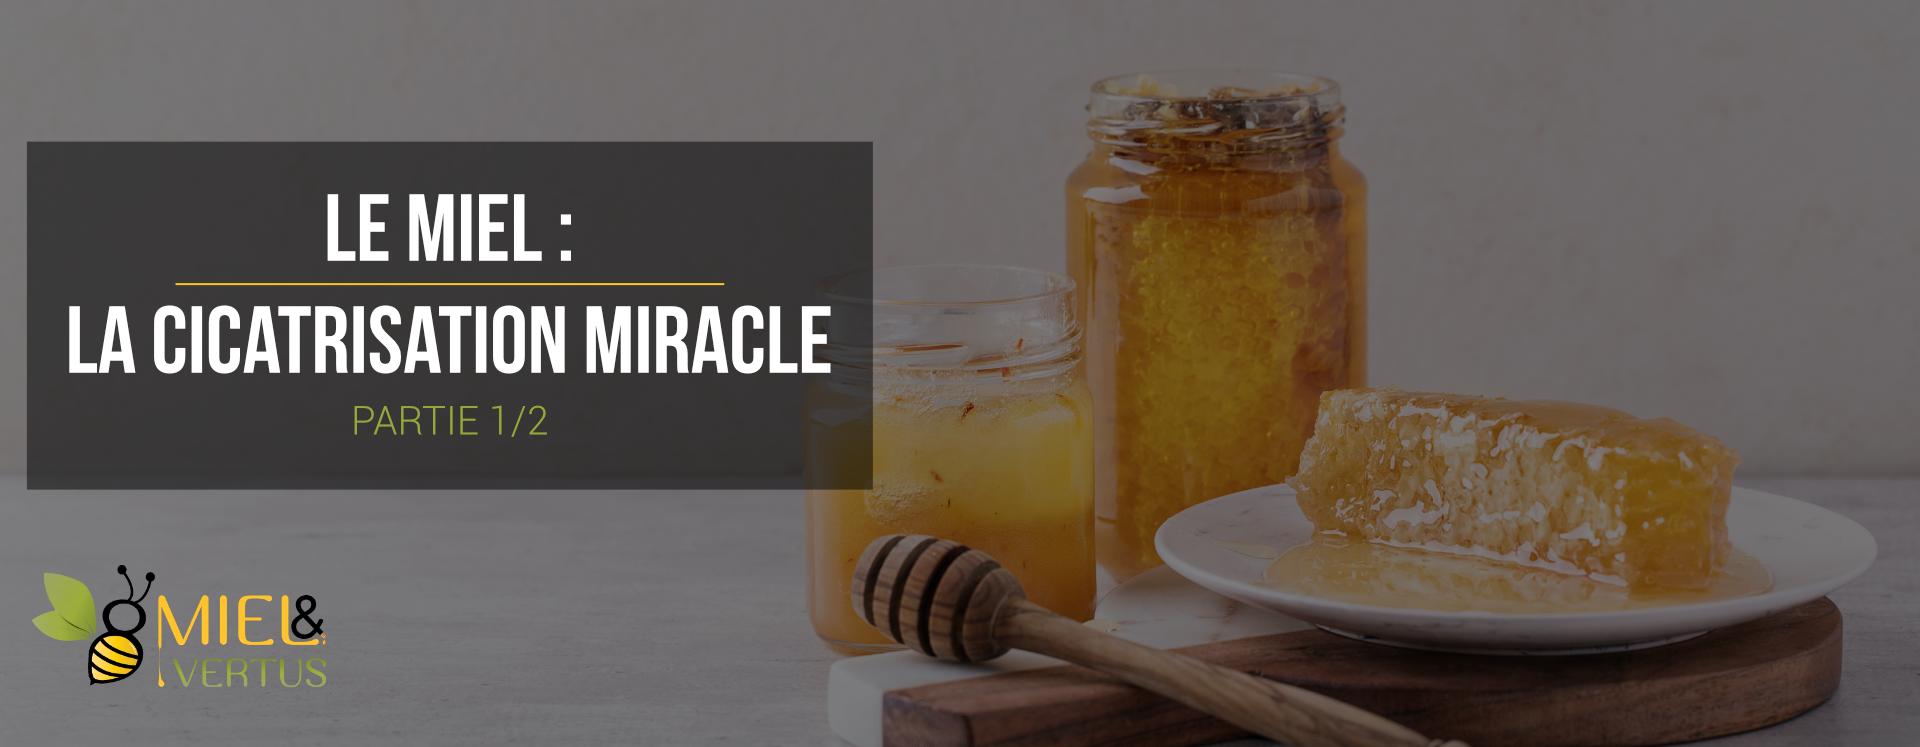 miel-cicatrisation-miracle-1-2